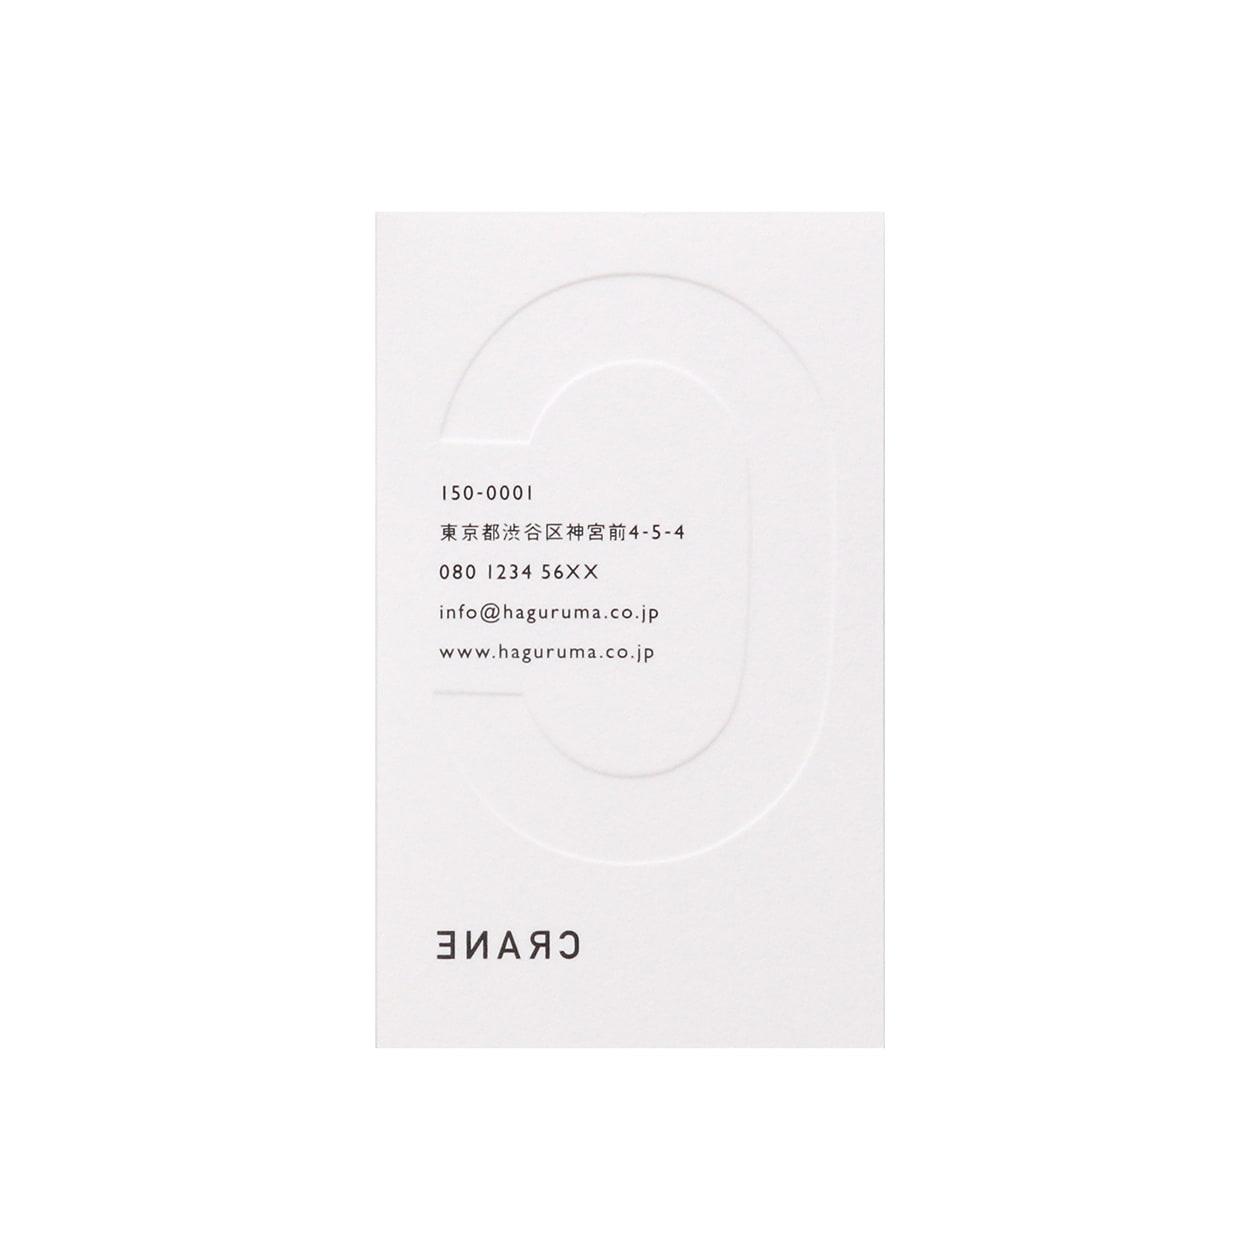 サンプル カード・シート 00366